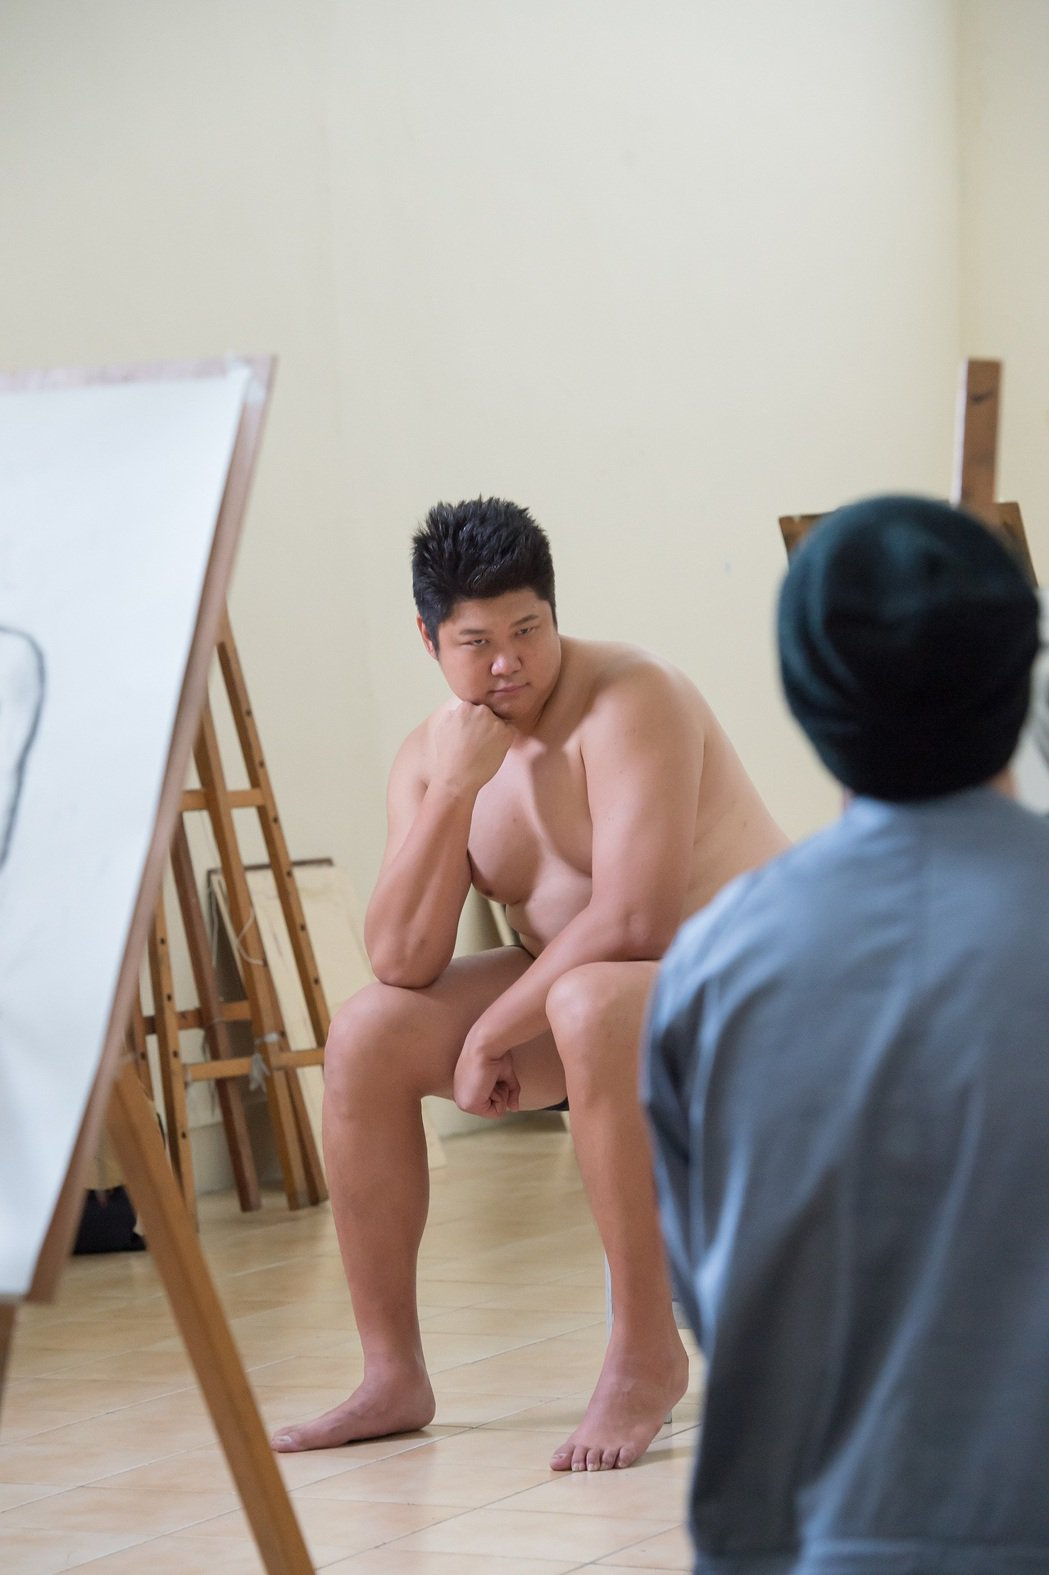 哈孝遠拍「酸甜之味」擔任人體模特兒,各種逗趣表情令人噴飯。圖/TVBS 提供